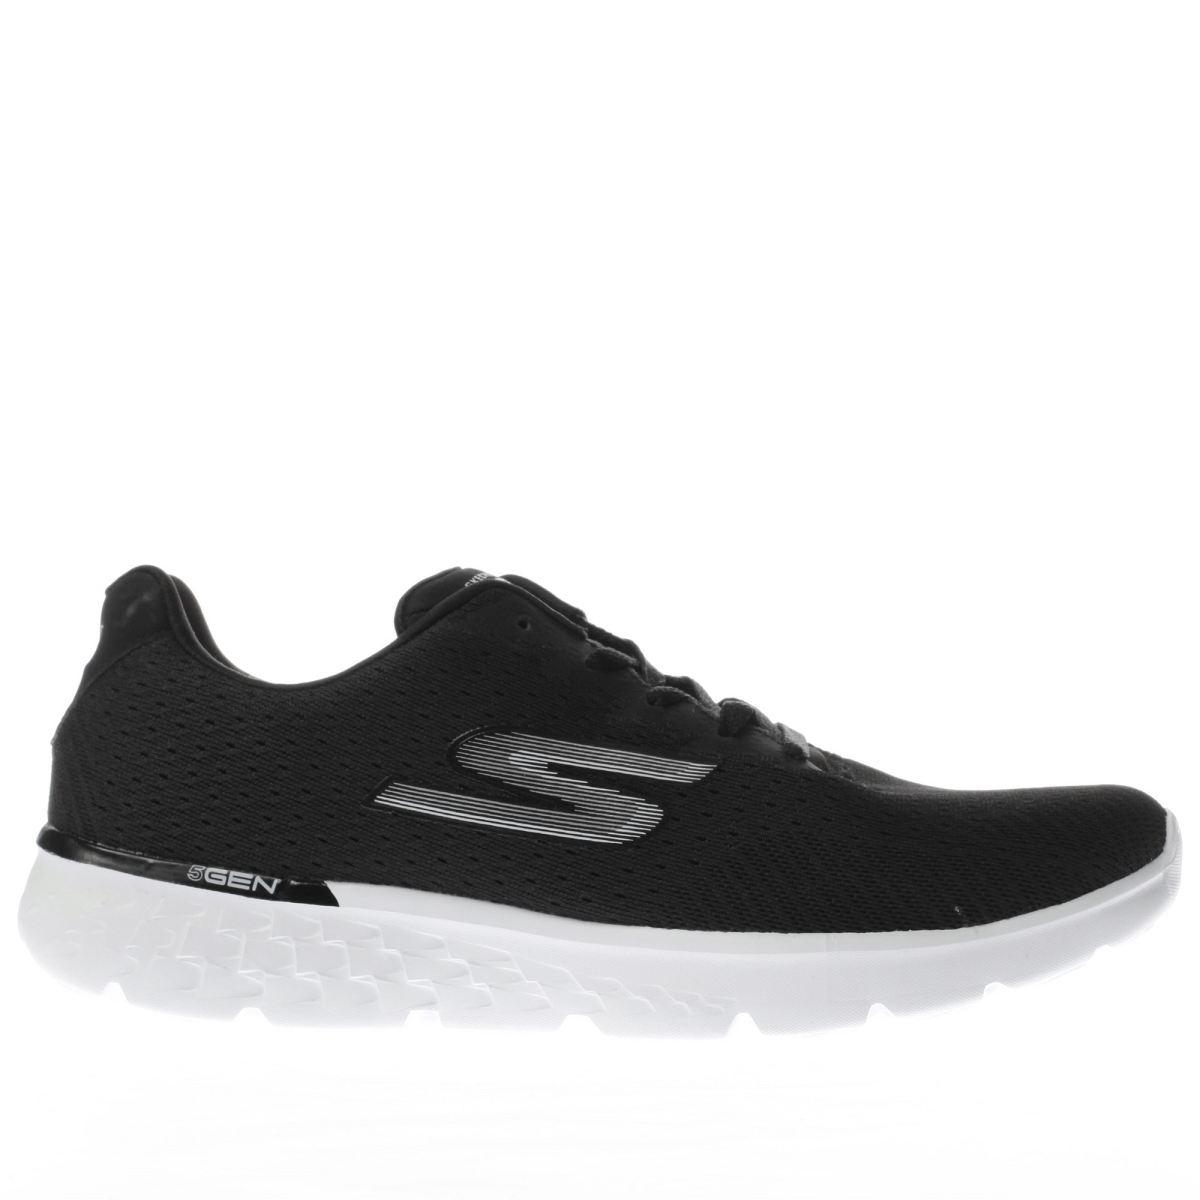 skechers black & white go run 400 sole trainers